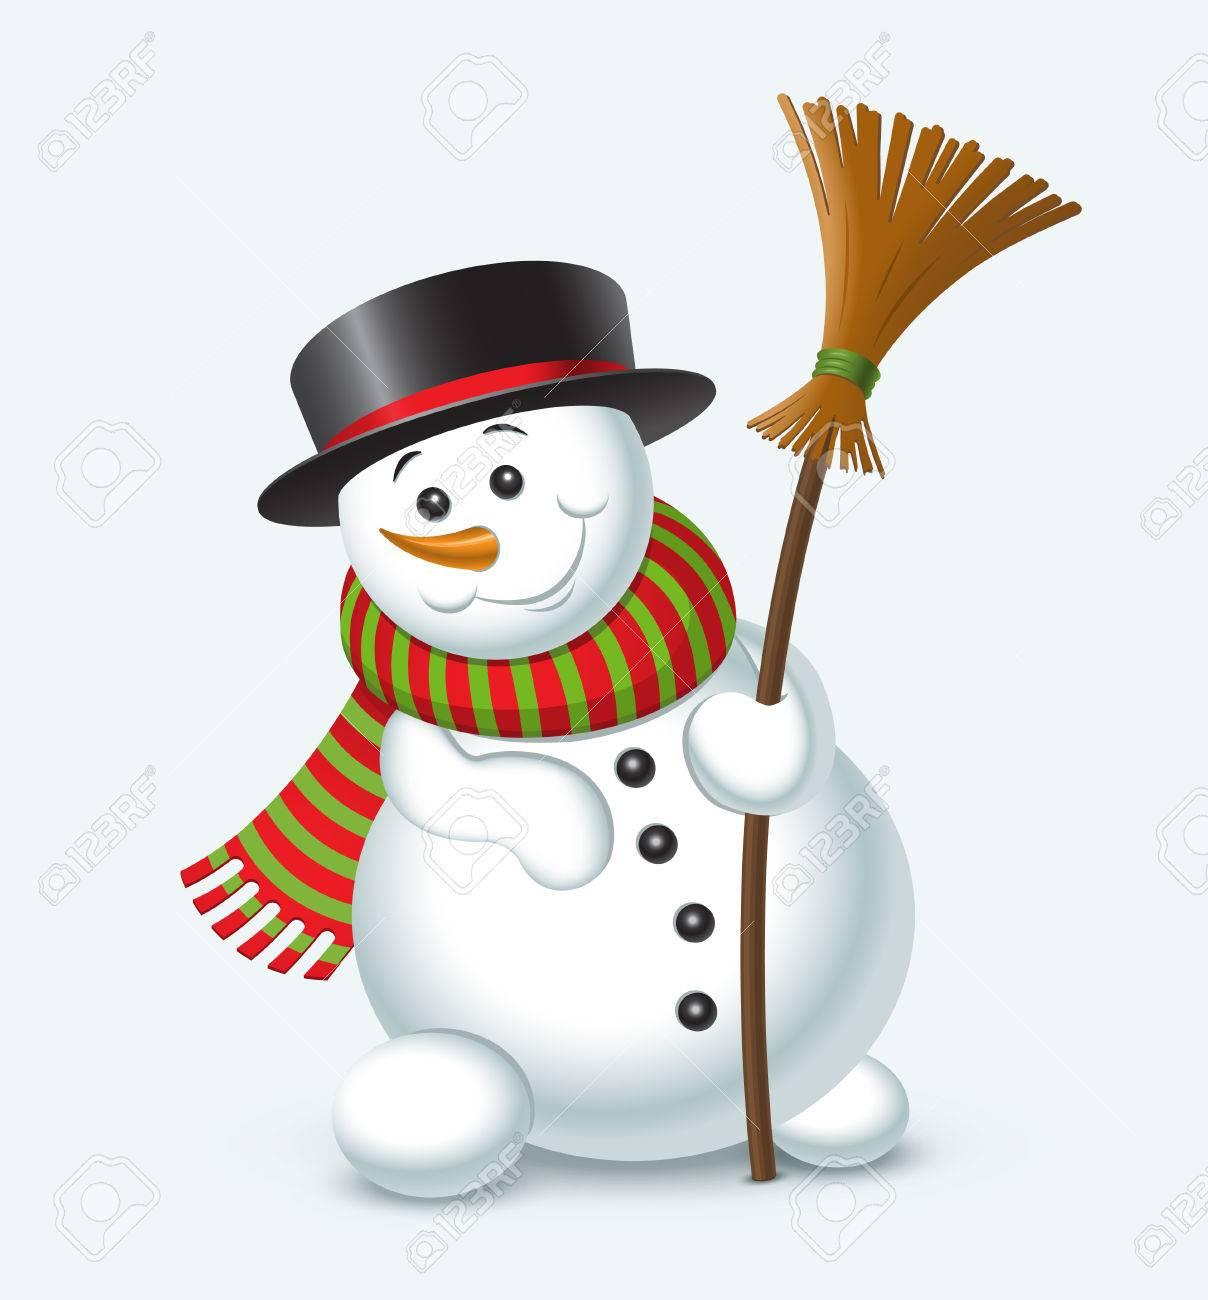 Nette Weihnachtsschneemann Auf Weißem Hintergrund. Illustration ...